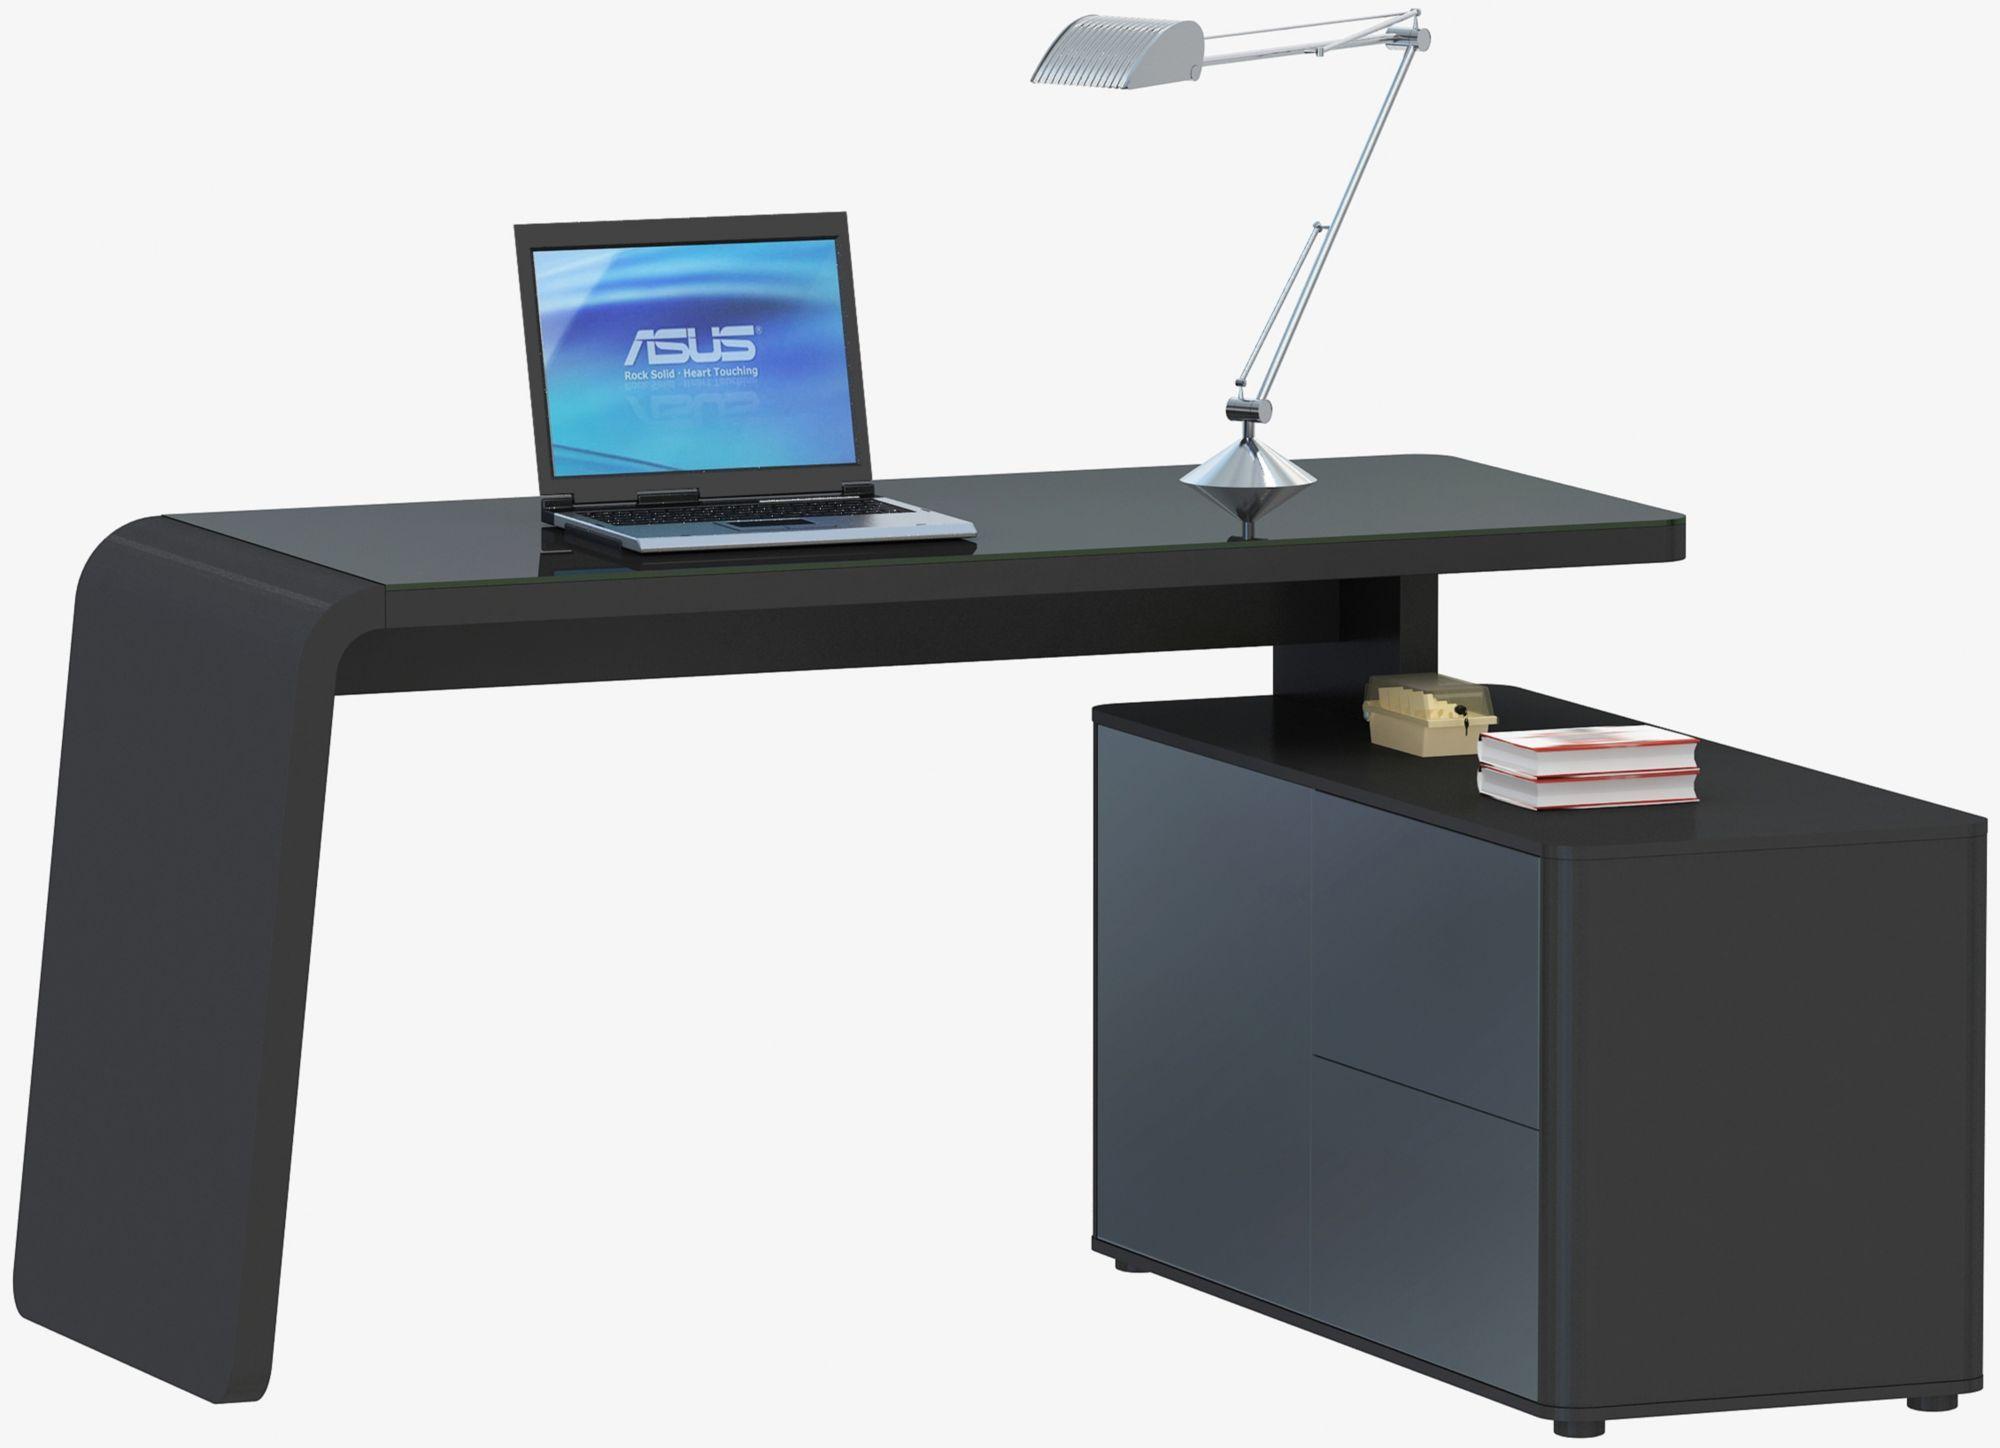 schreibtisch glasplatte g nstig kaufen. Black Bedroom Furniture Sets. Home Design Ideas